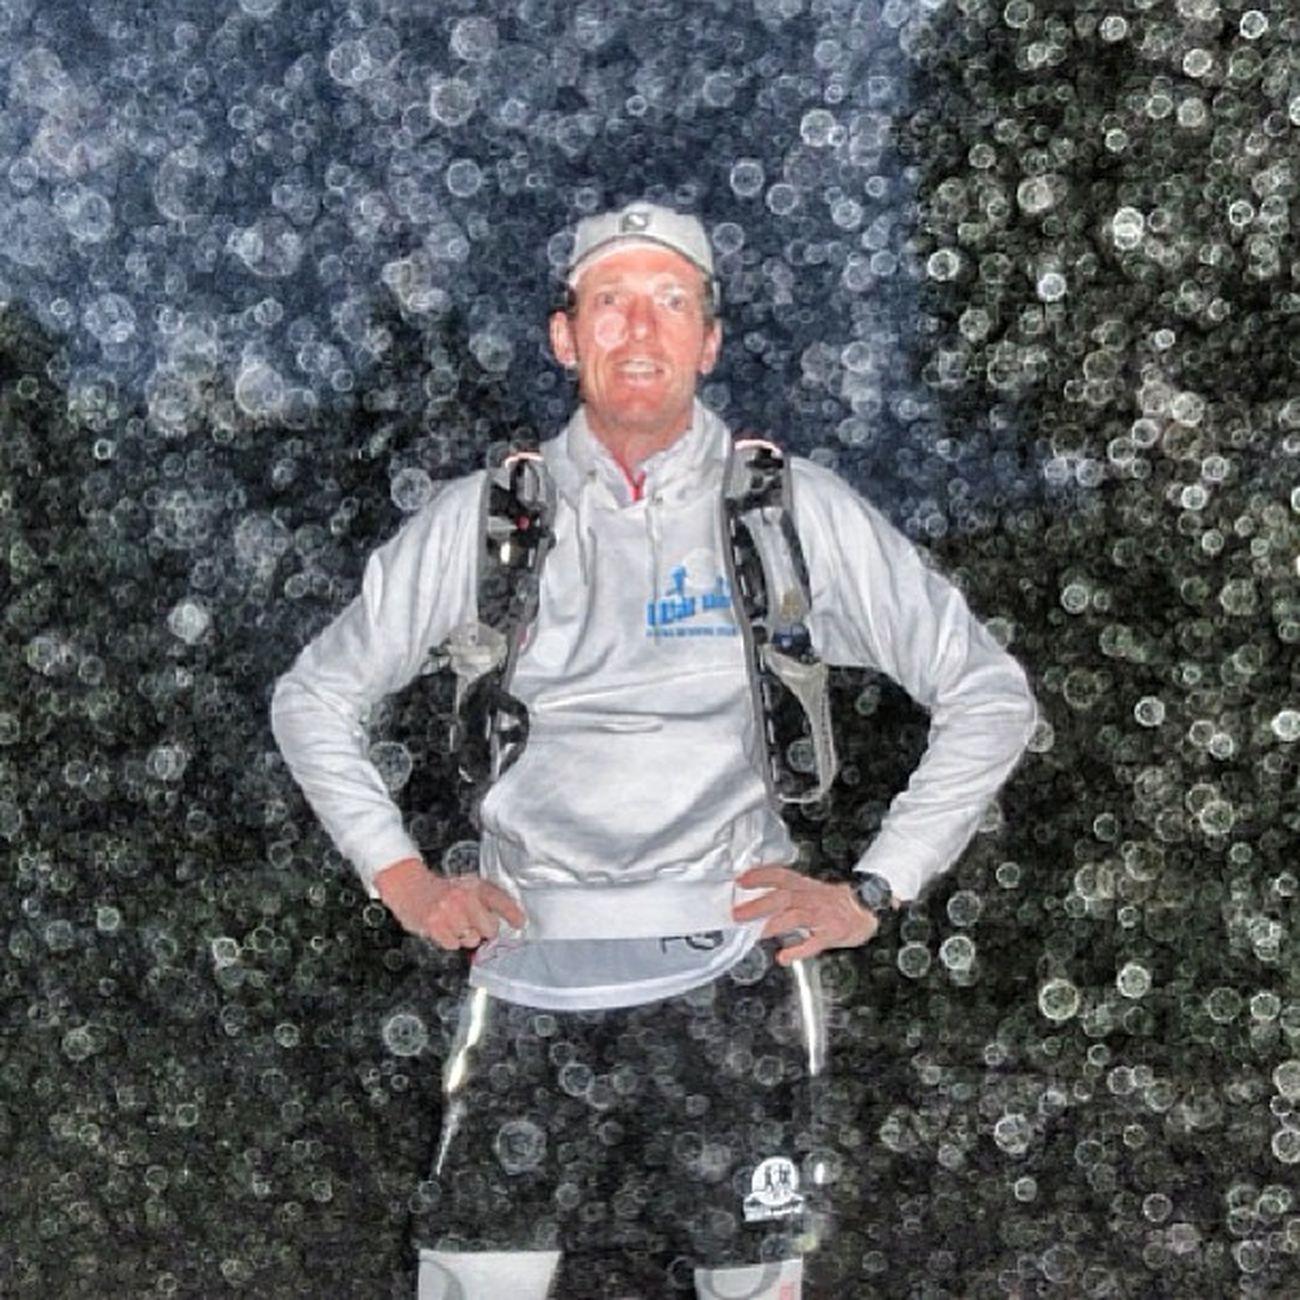 3. PfingstBrockenlauf Sklblog Pfingsten Brocken Trail Trailrunning Ilsenburg Sponser Teamraidlight Watläuft